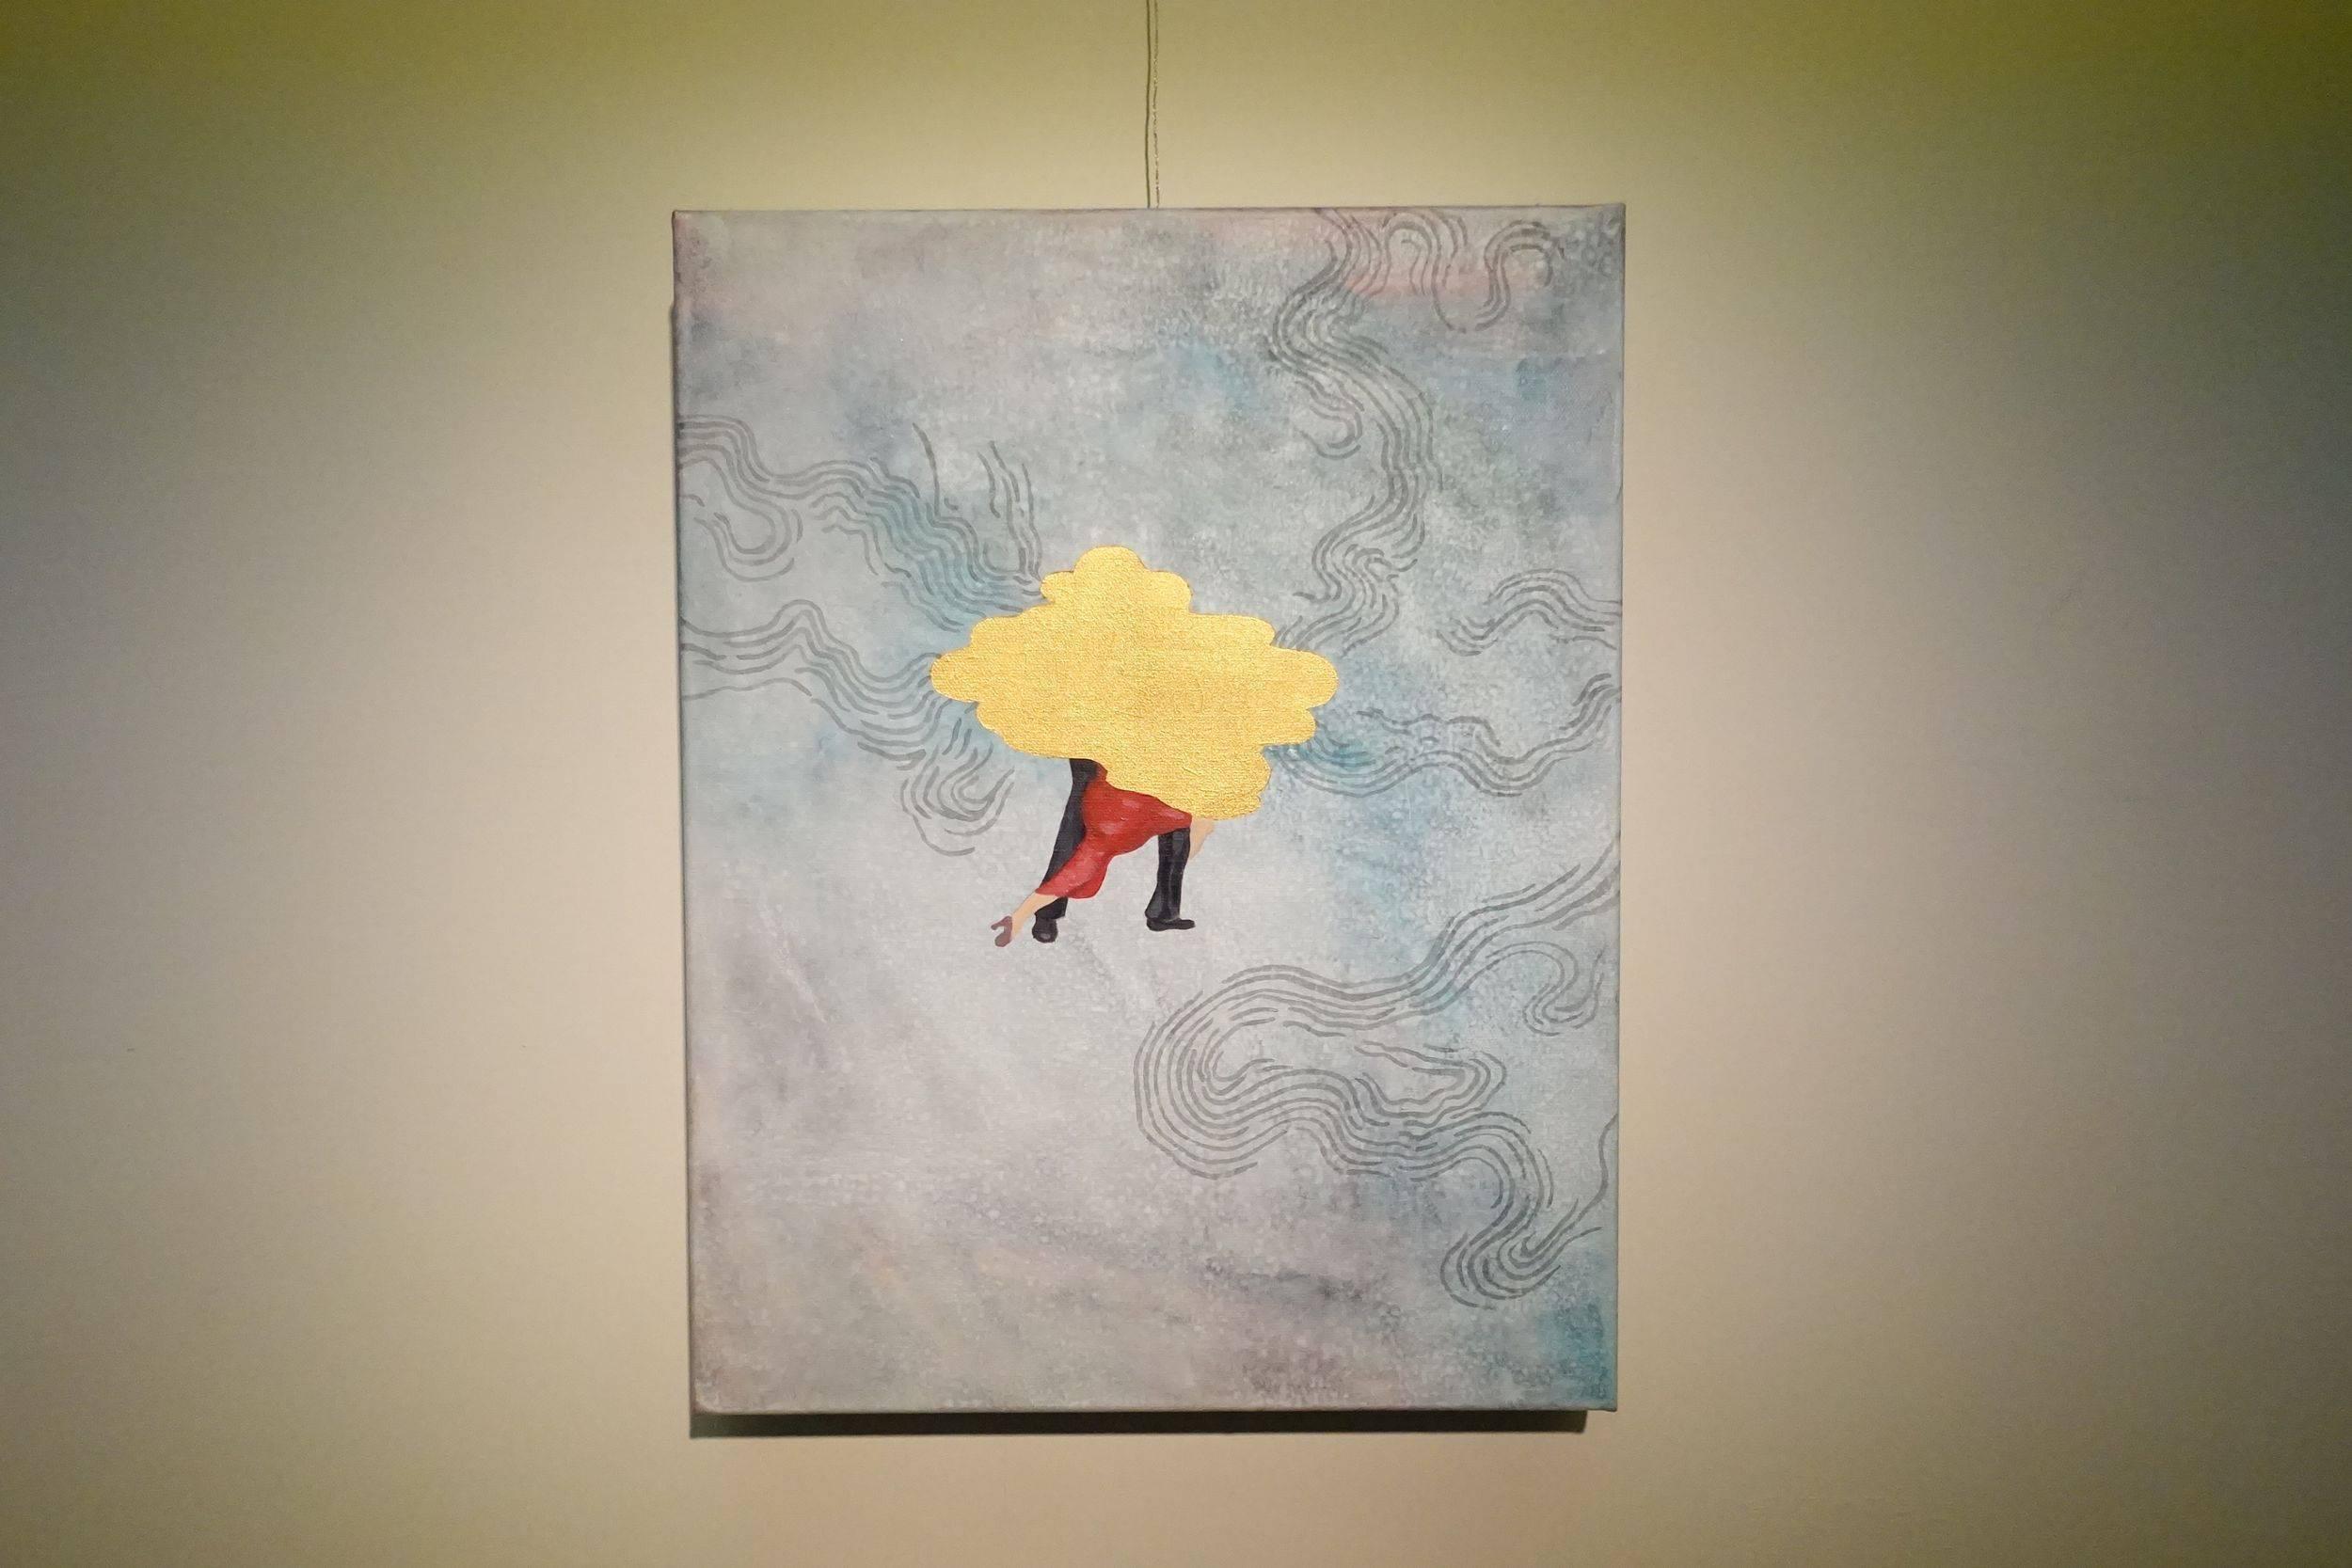 黃法誠,金色雲朵,壓克力顏料.墨.畫布,2017年。